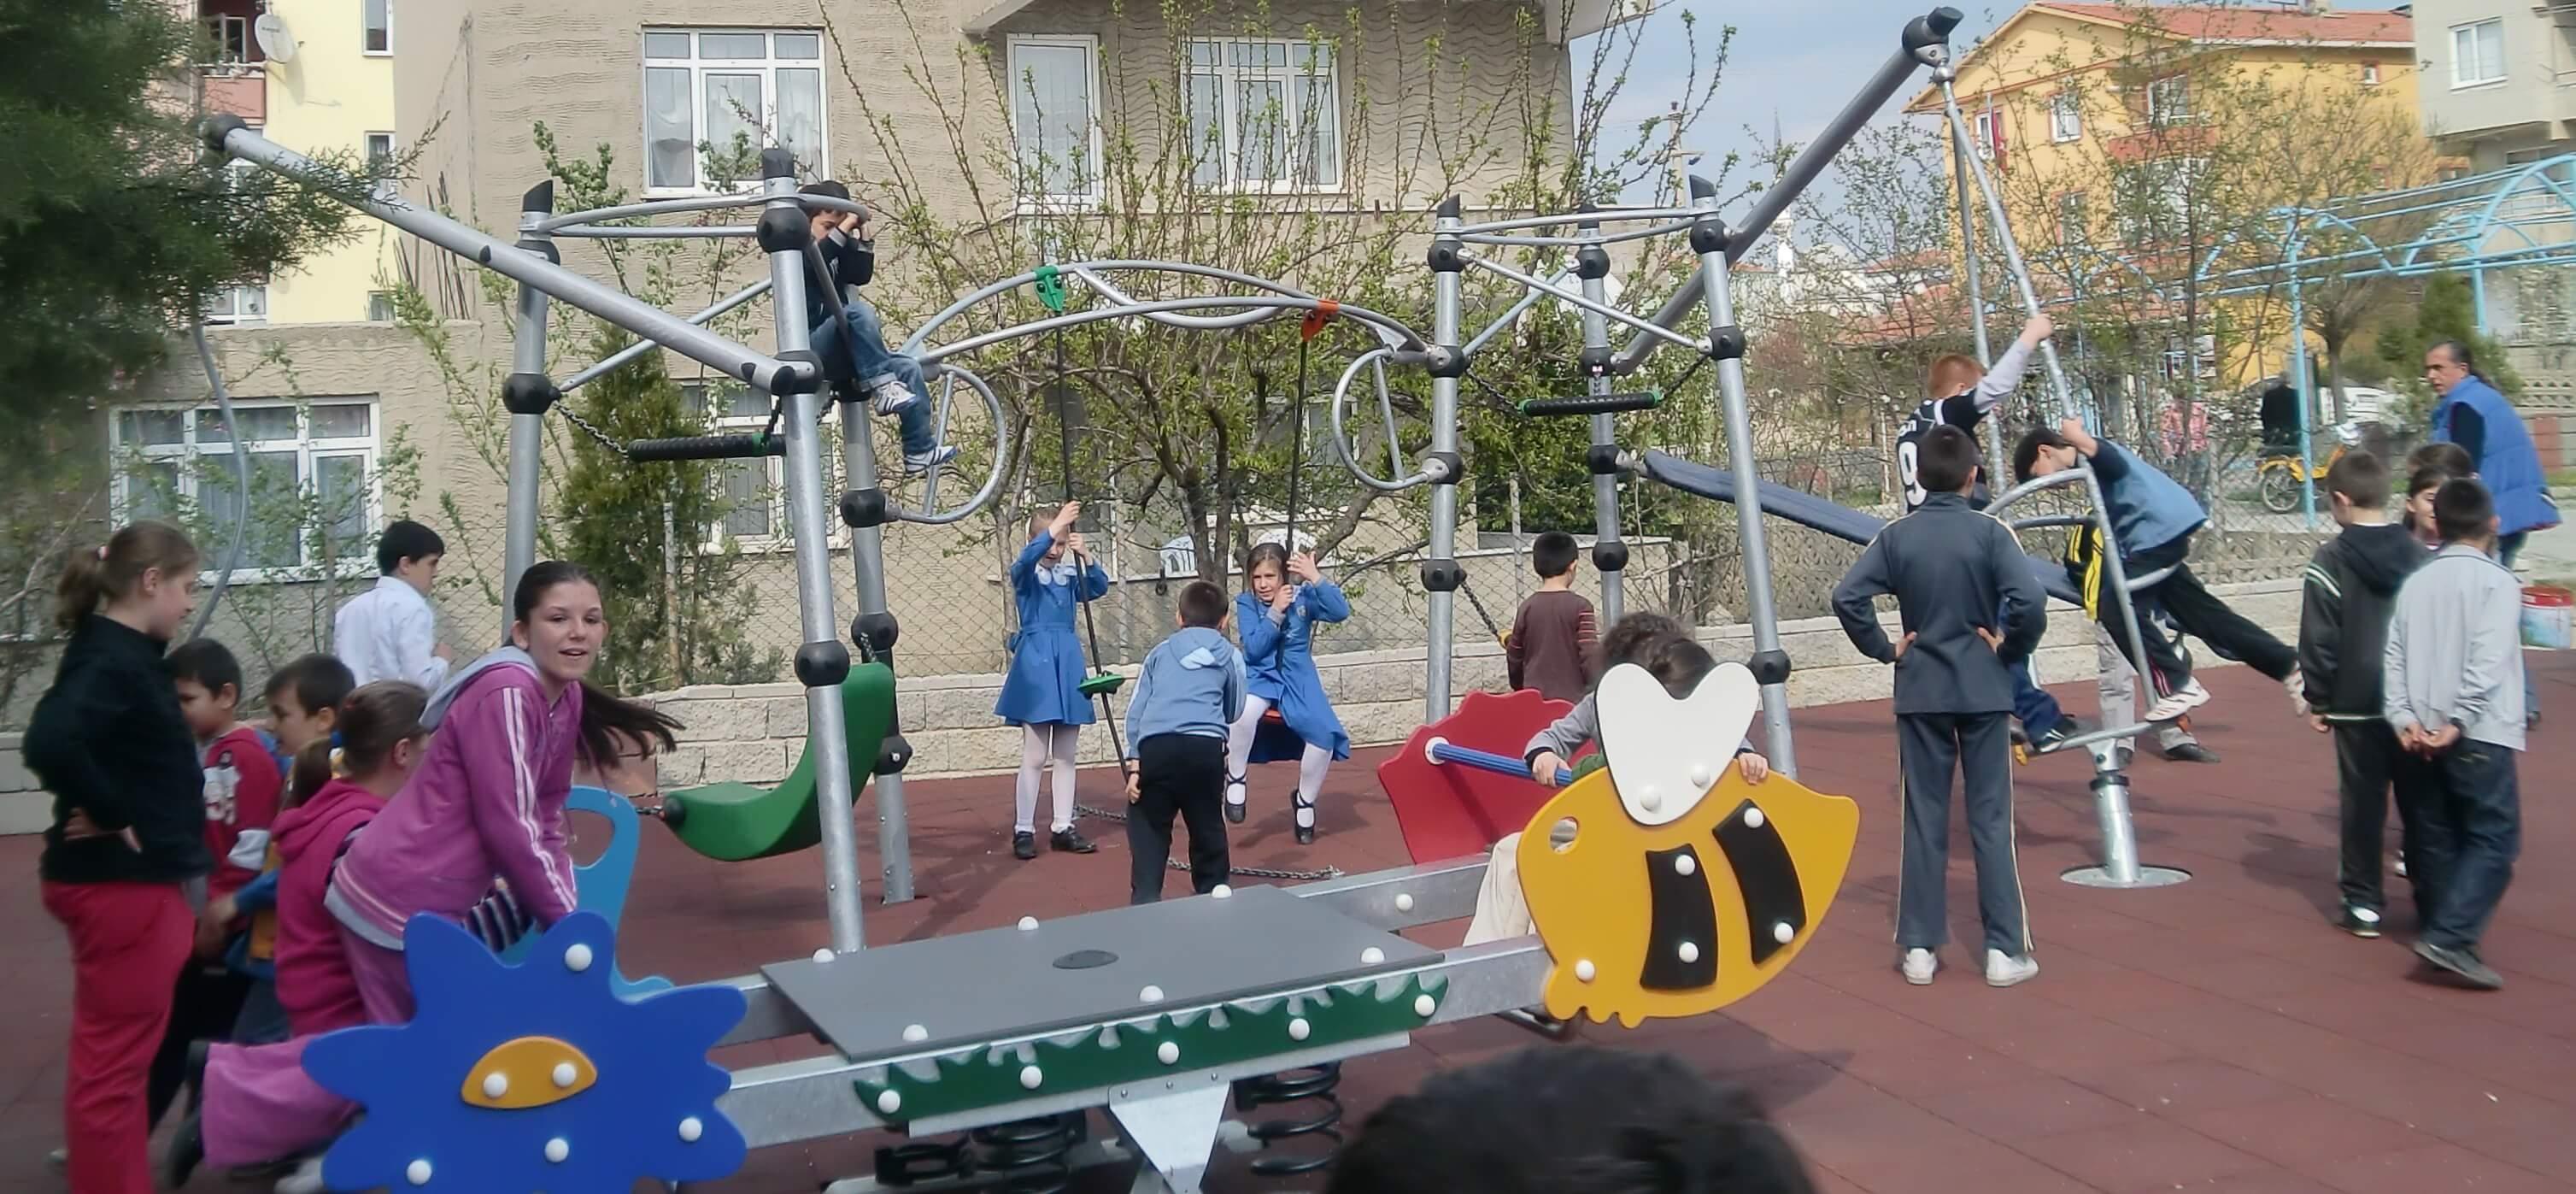 parklarda-spor-aktivitileri-1